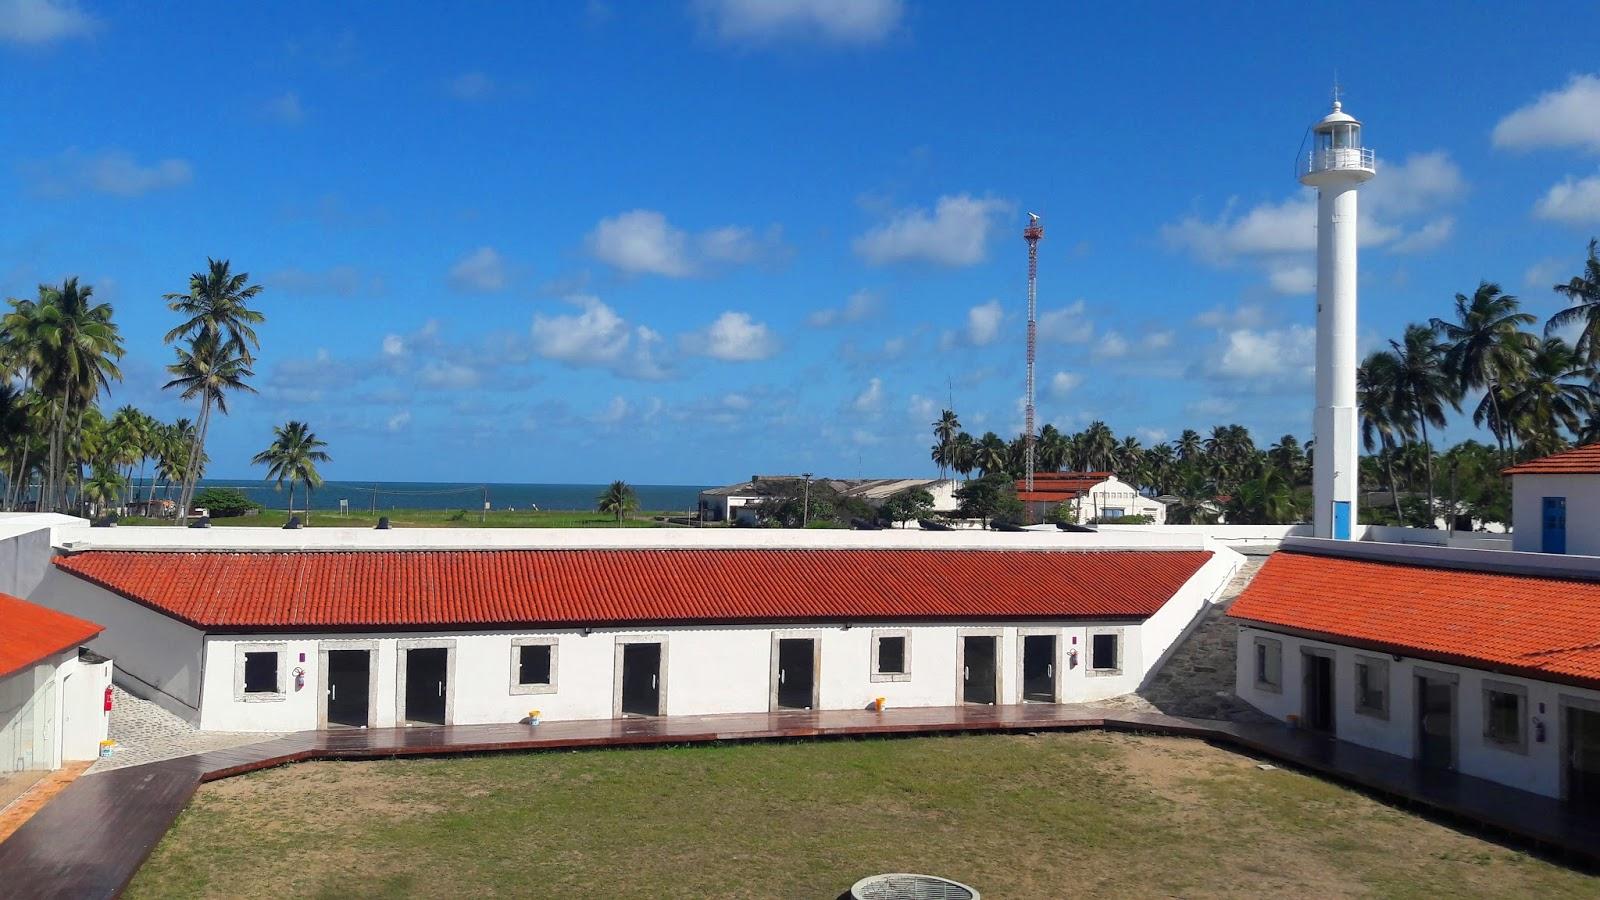 Forte de Tamandaré, Praia dos Carneiros, Pernambuco